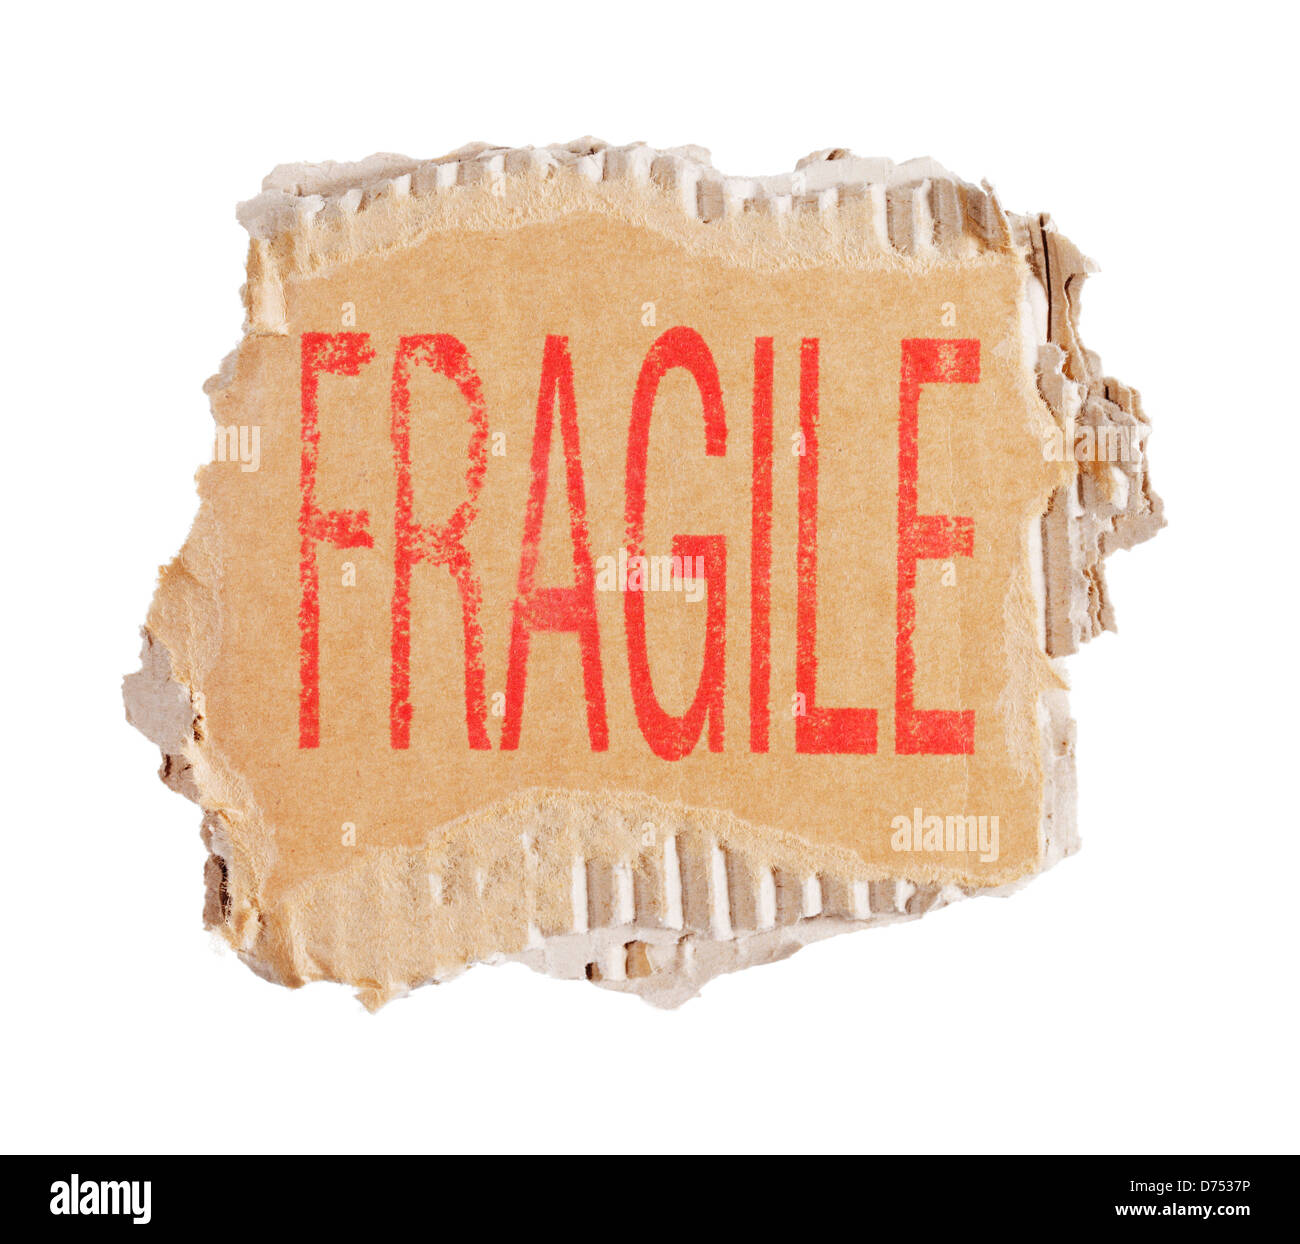 Parola Fragile stampigliato su un pezzo di marrone di cartone ondulato. Immagini Stock